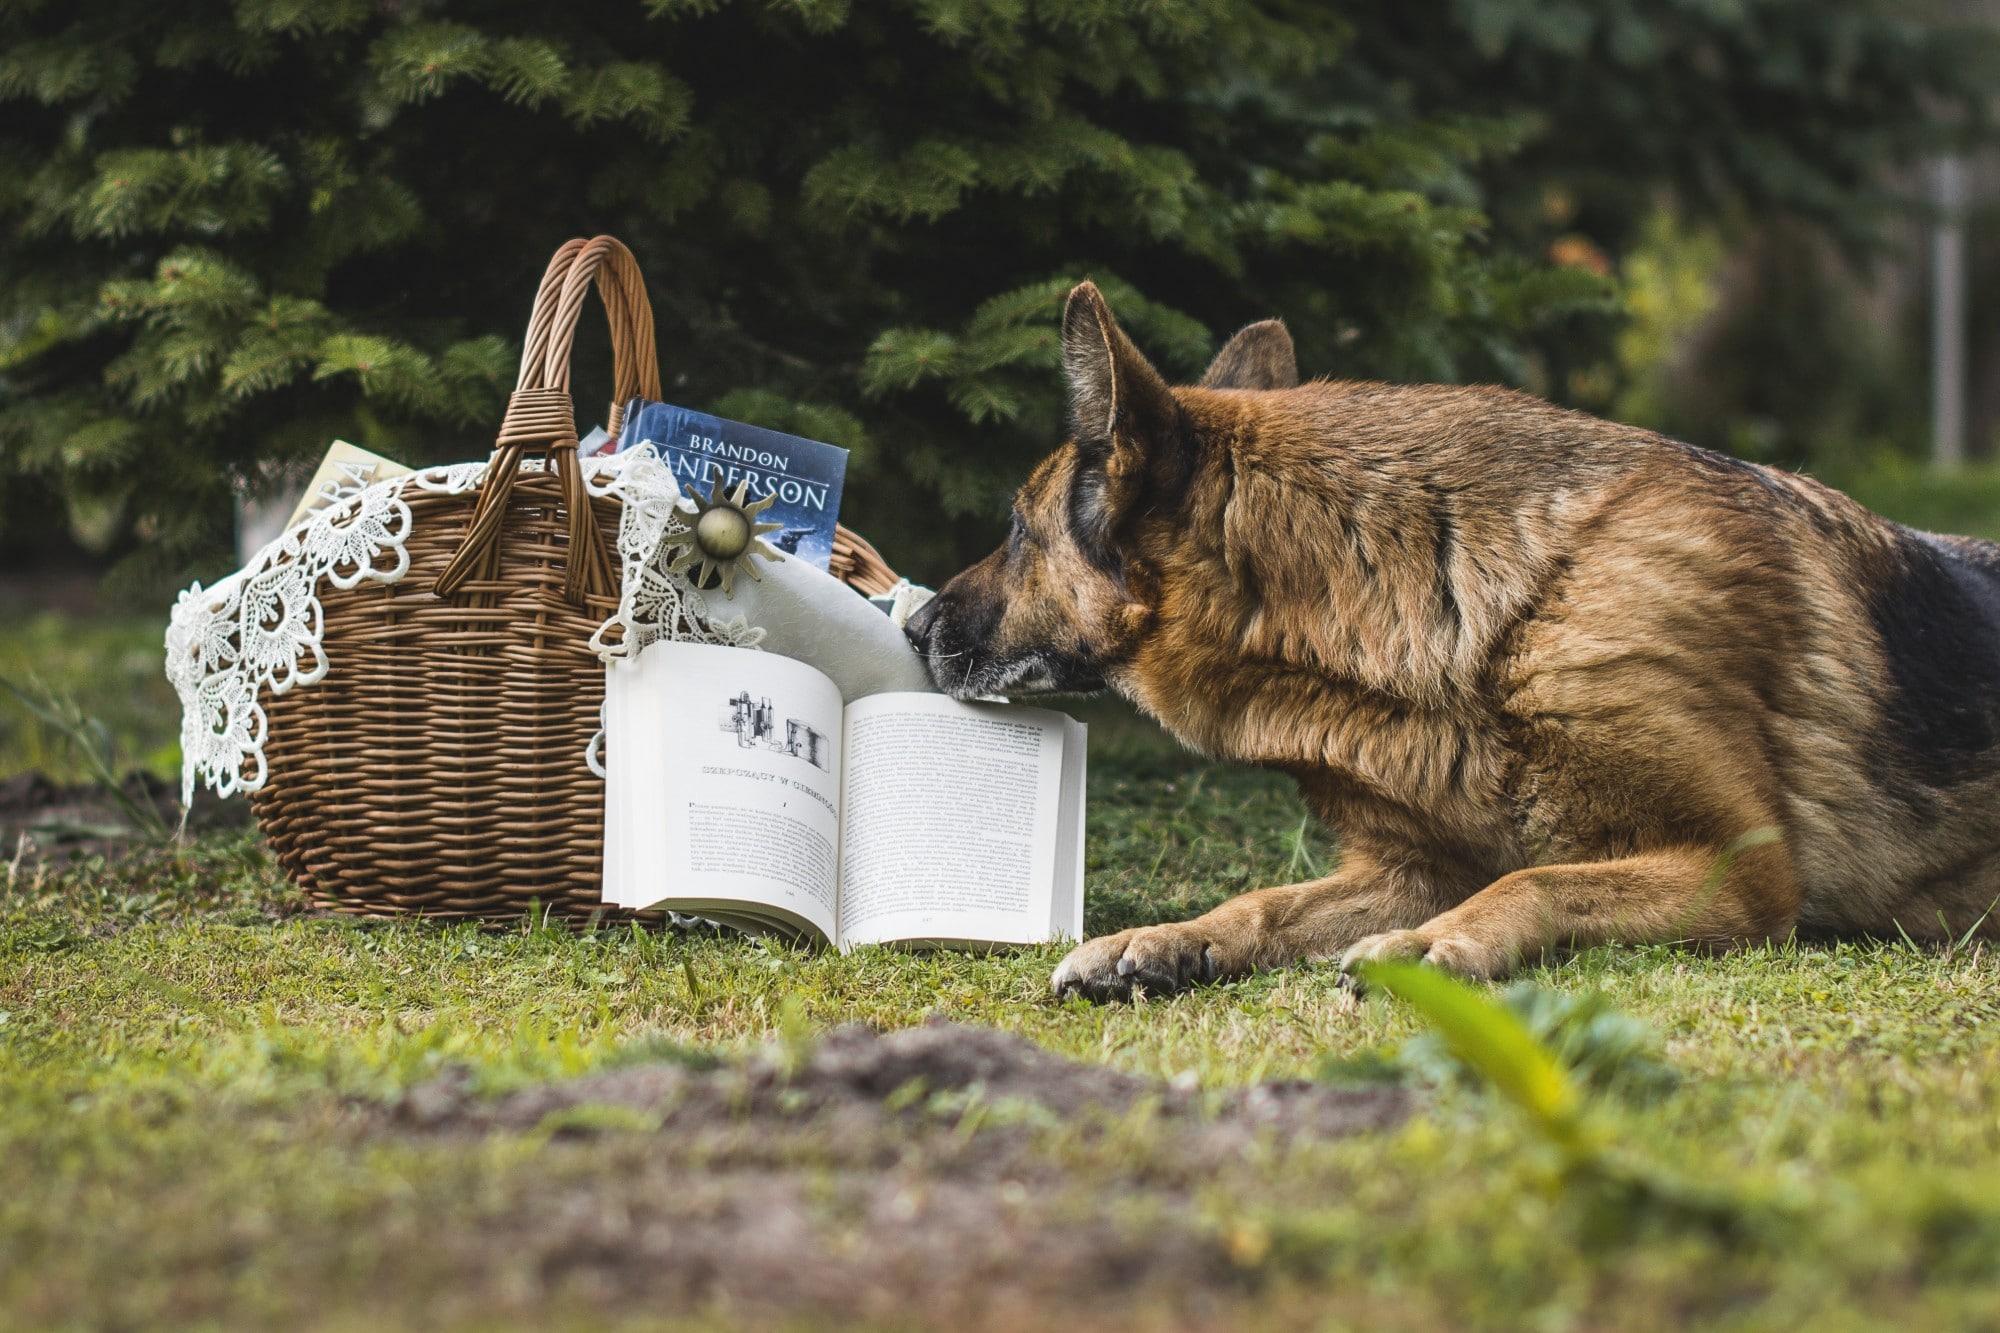 plan a picnic